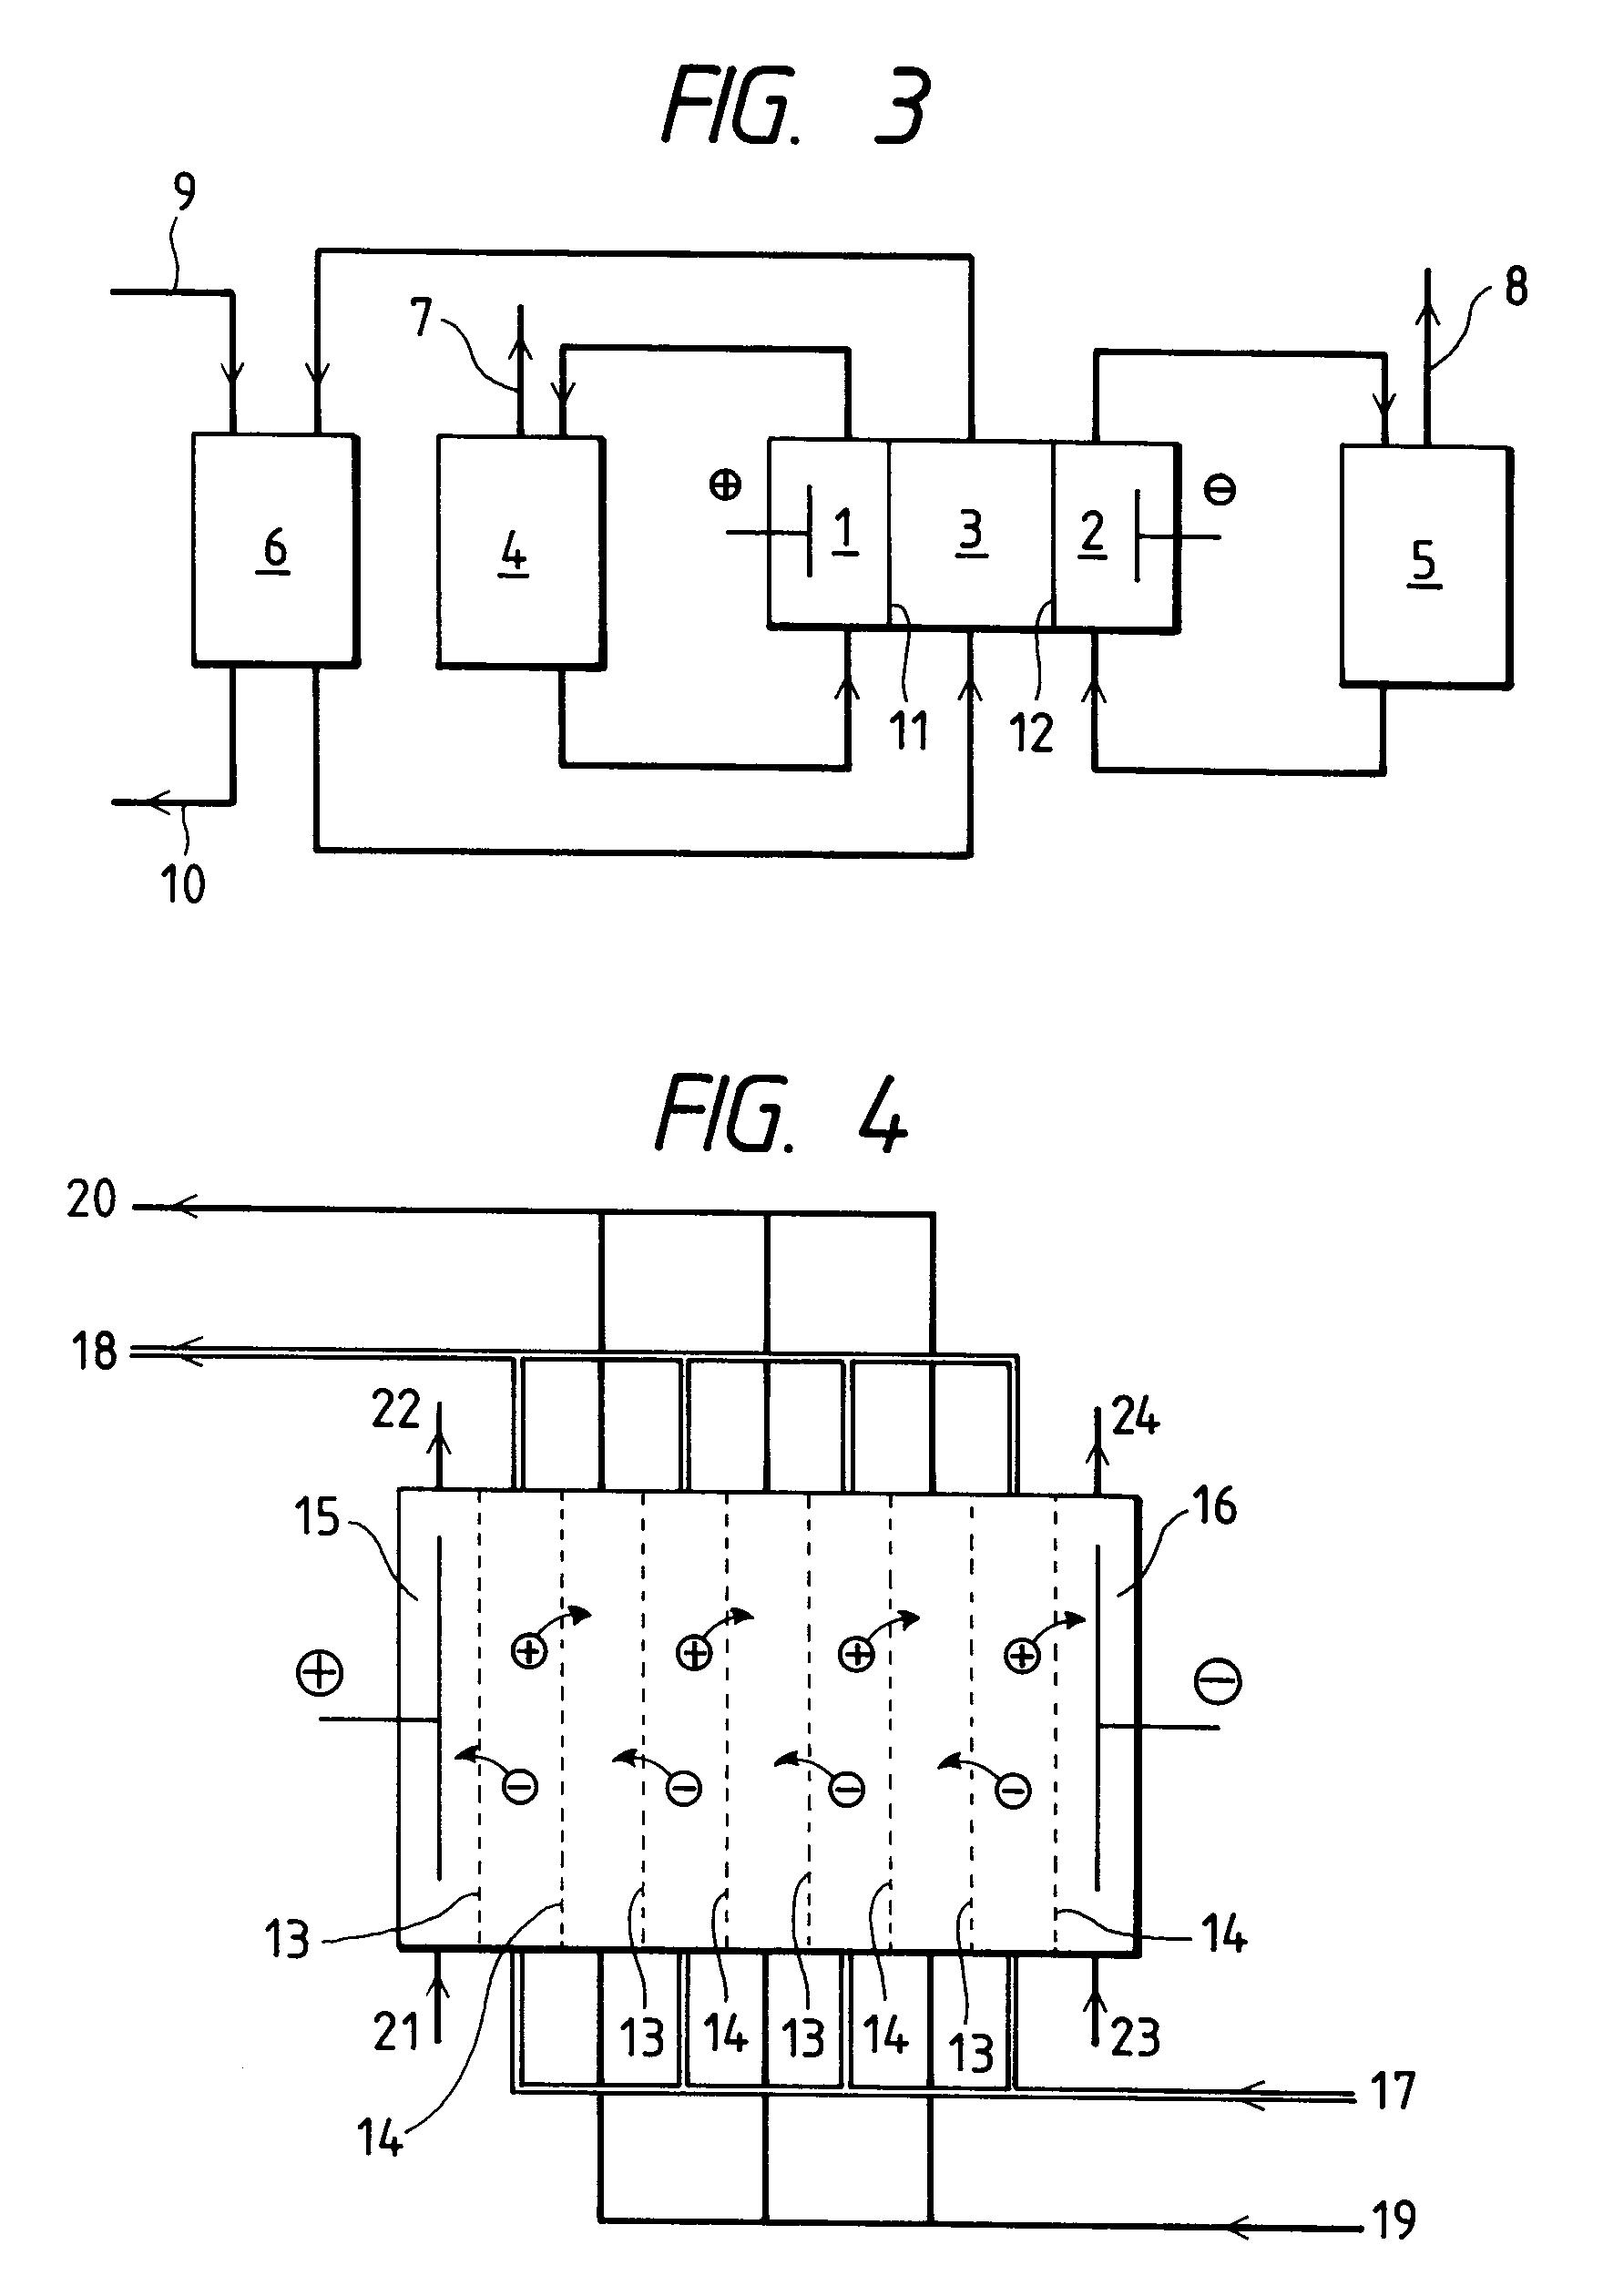 专利ep0687652a2 - a method